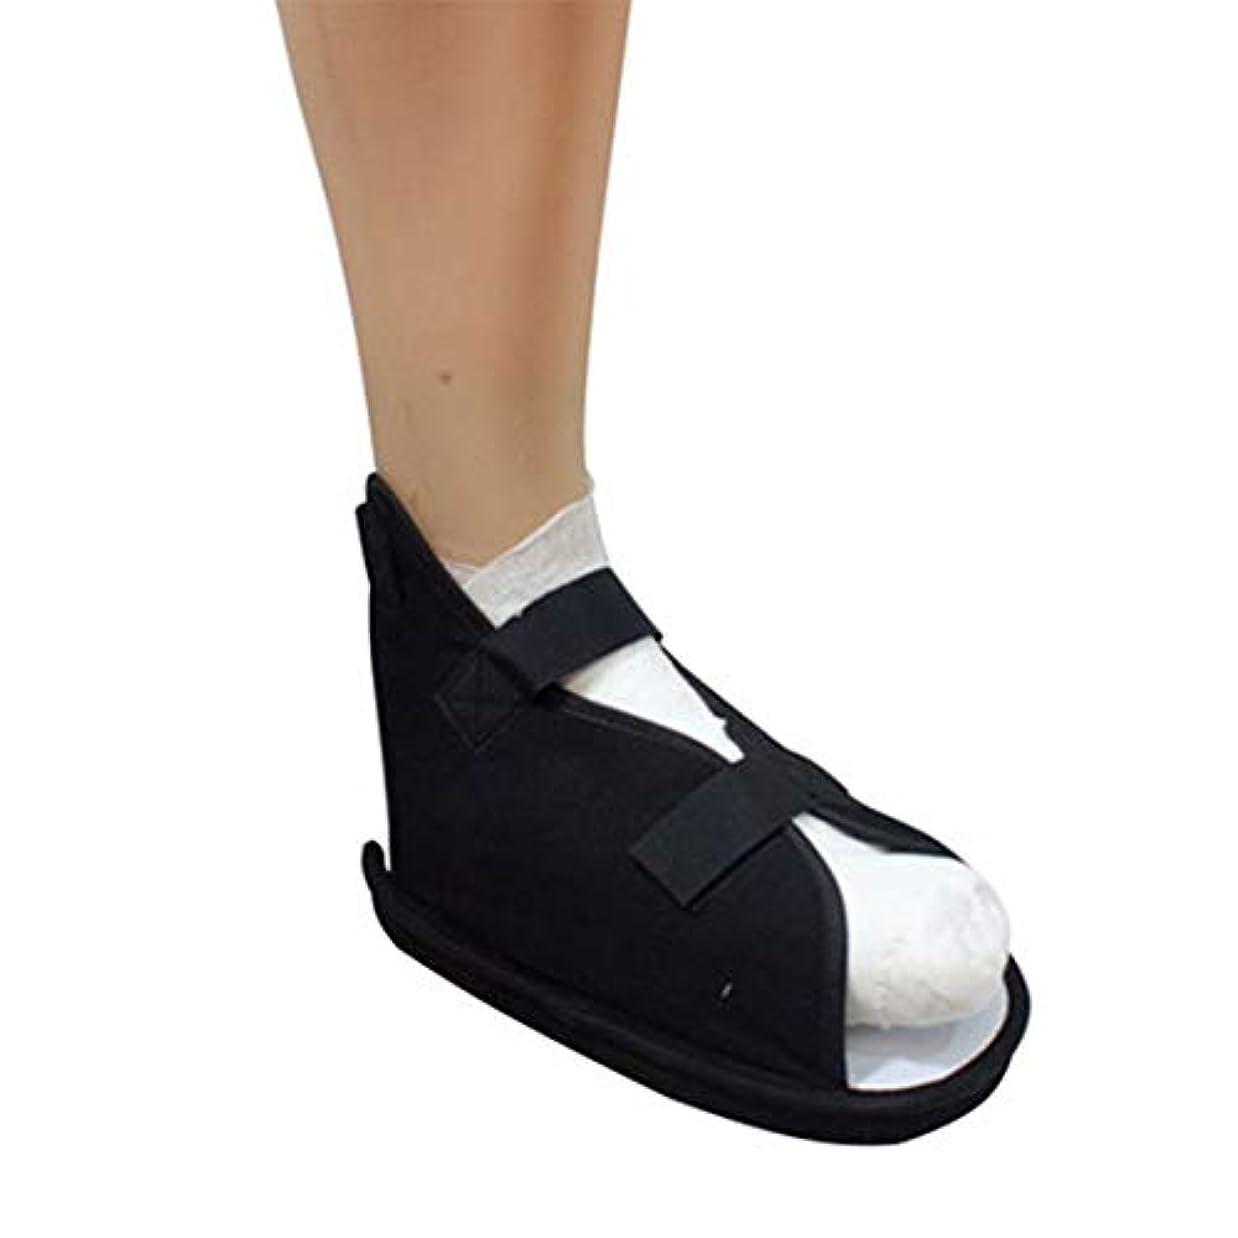 嫌い悪因子シャトル医療足骨折石膏の回復靴の手術後のつま先の靴を安定化骨折の靴を調整可能なファスナーで完全なカバー,L30cm